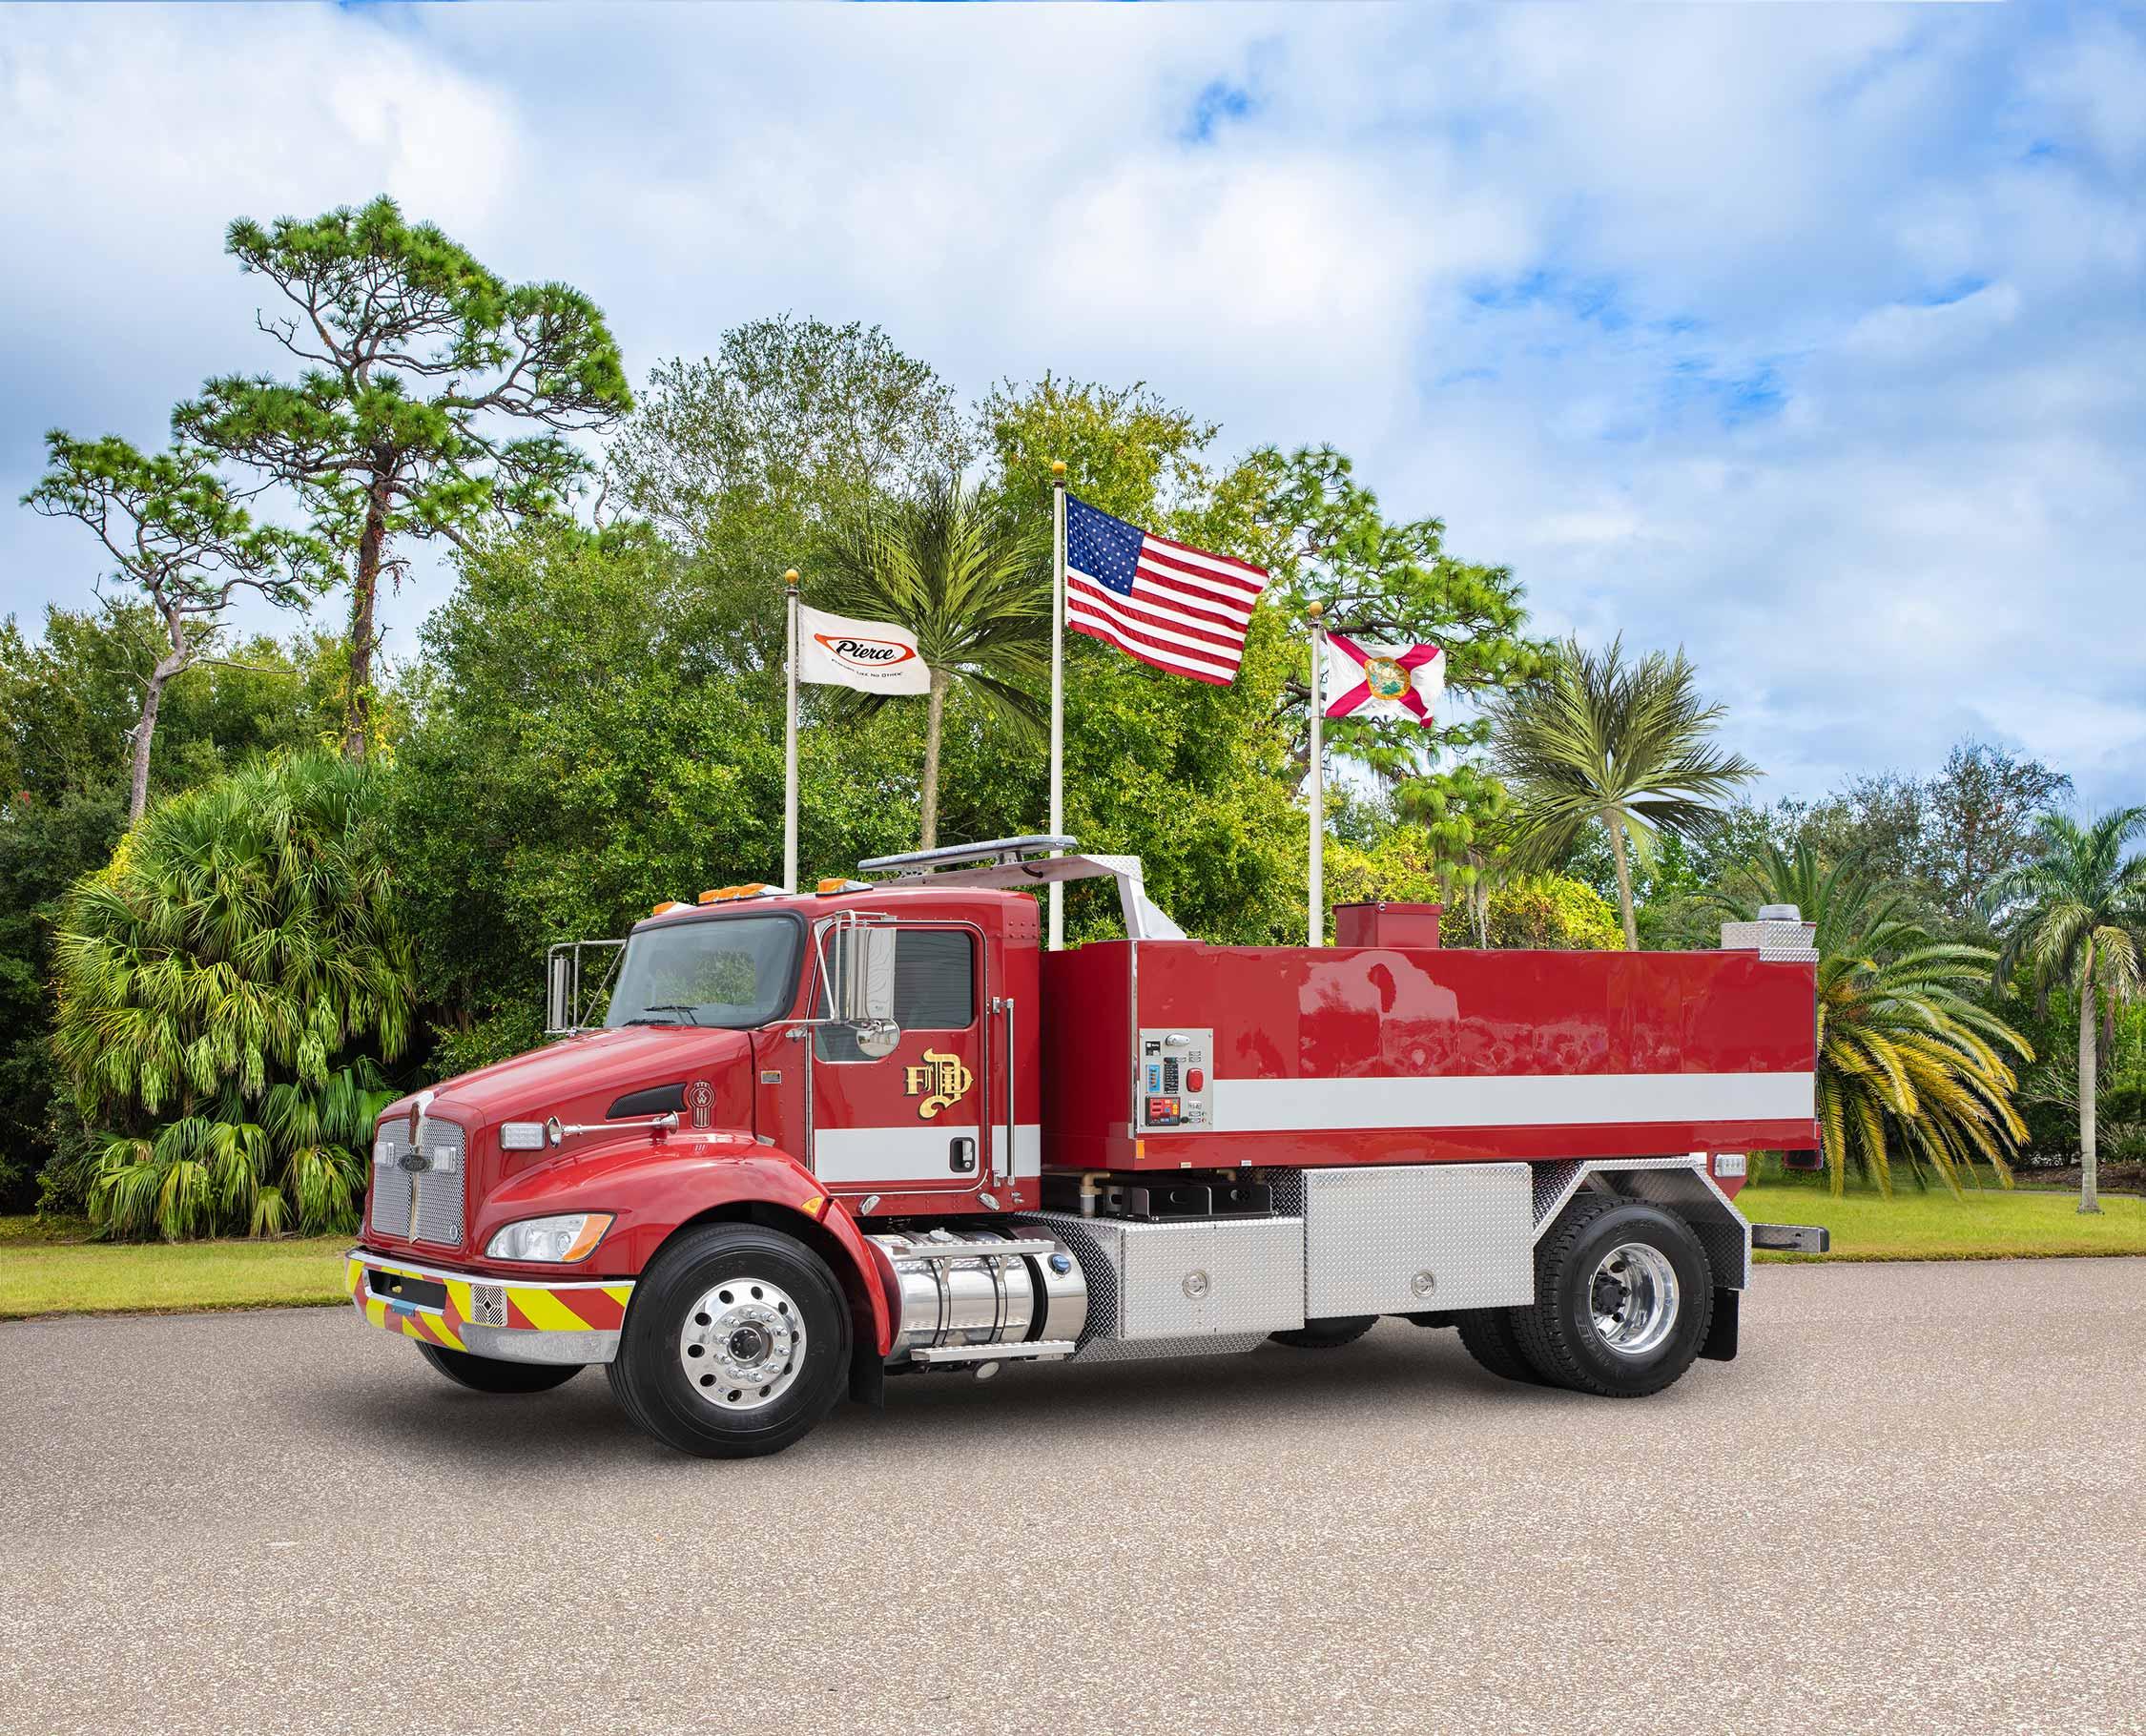 City of Danville Virginia Fire Department - Tanker